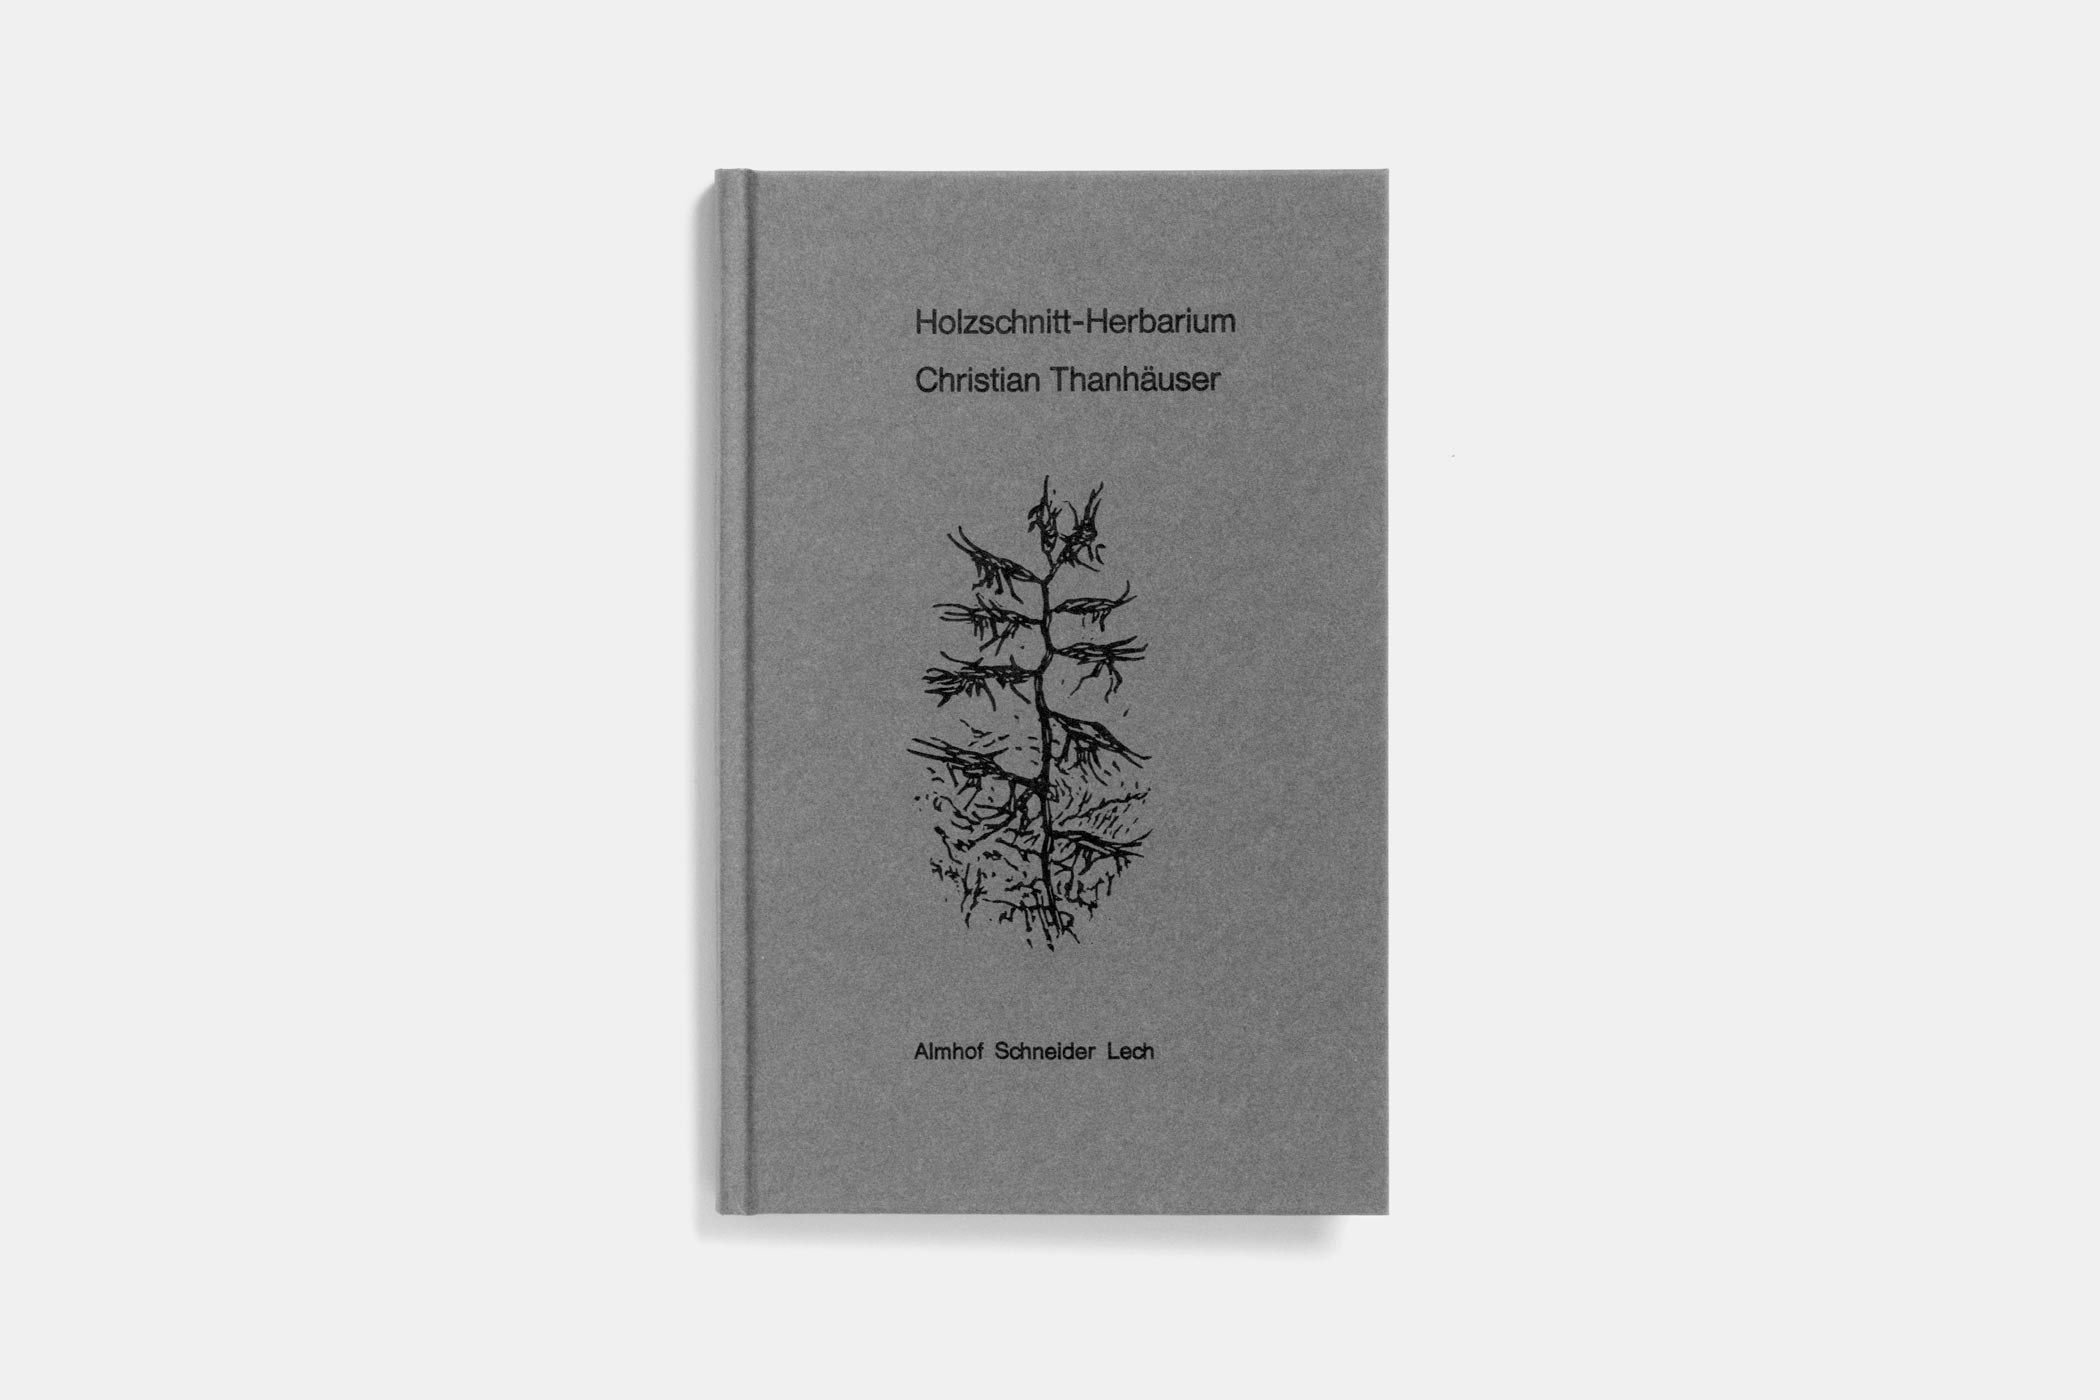 Publikation zur Dokumentation der Arbeit von Christian Thanhäuser für das Restaurant im Hotel Almhof Schneider Lech am Arlberg